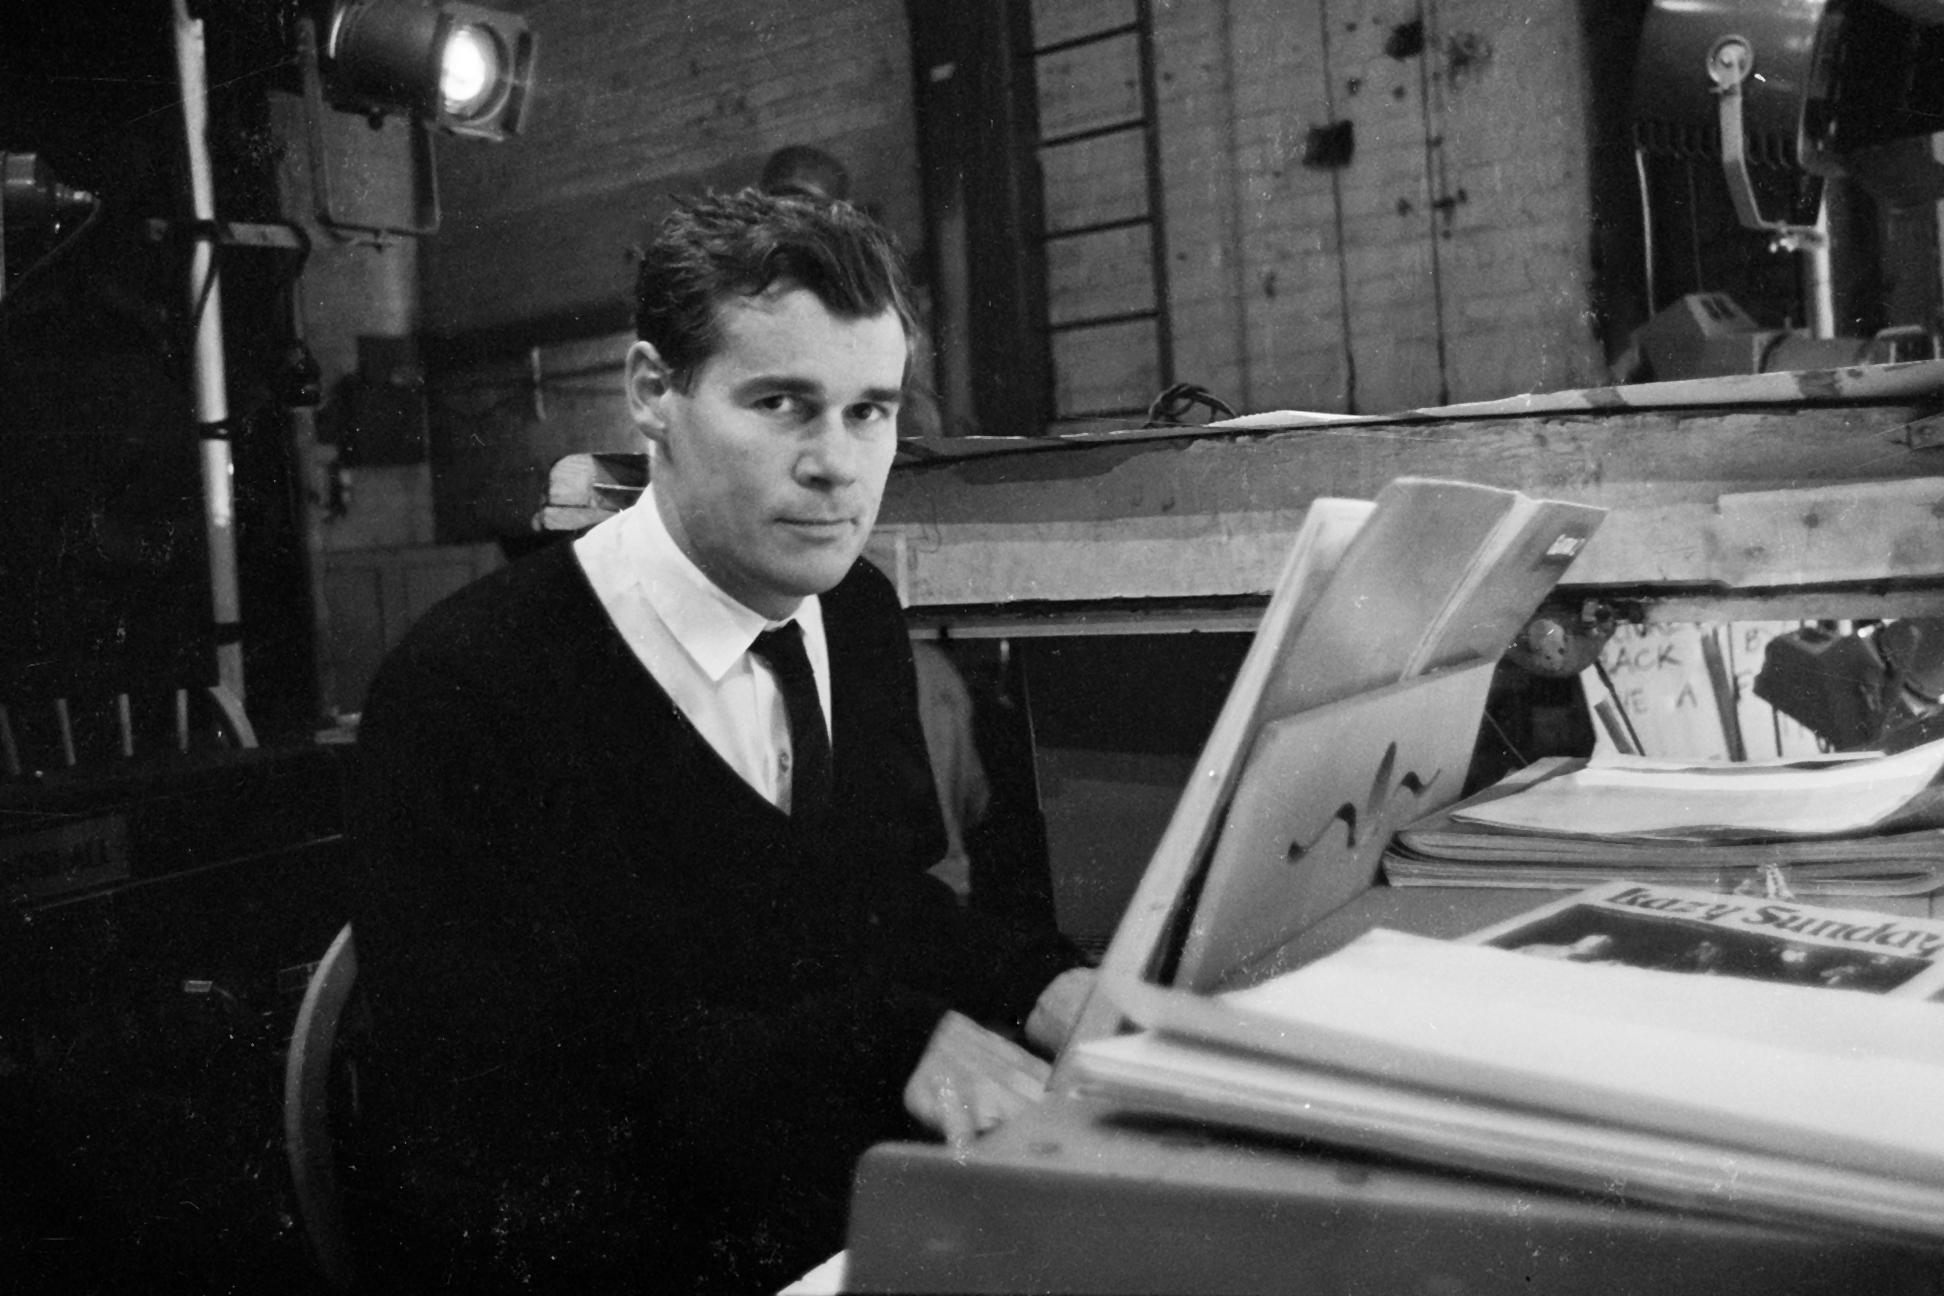 Galt MacDermot, 'Hair' Composer and Hip-Hop Inspiration, Dead at 89